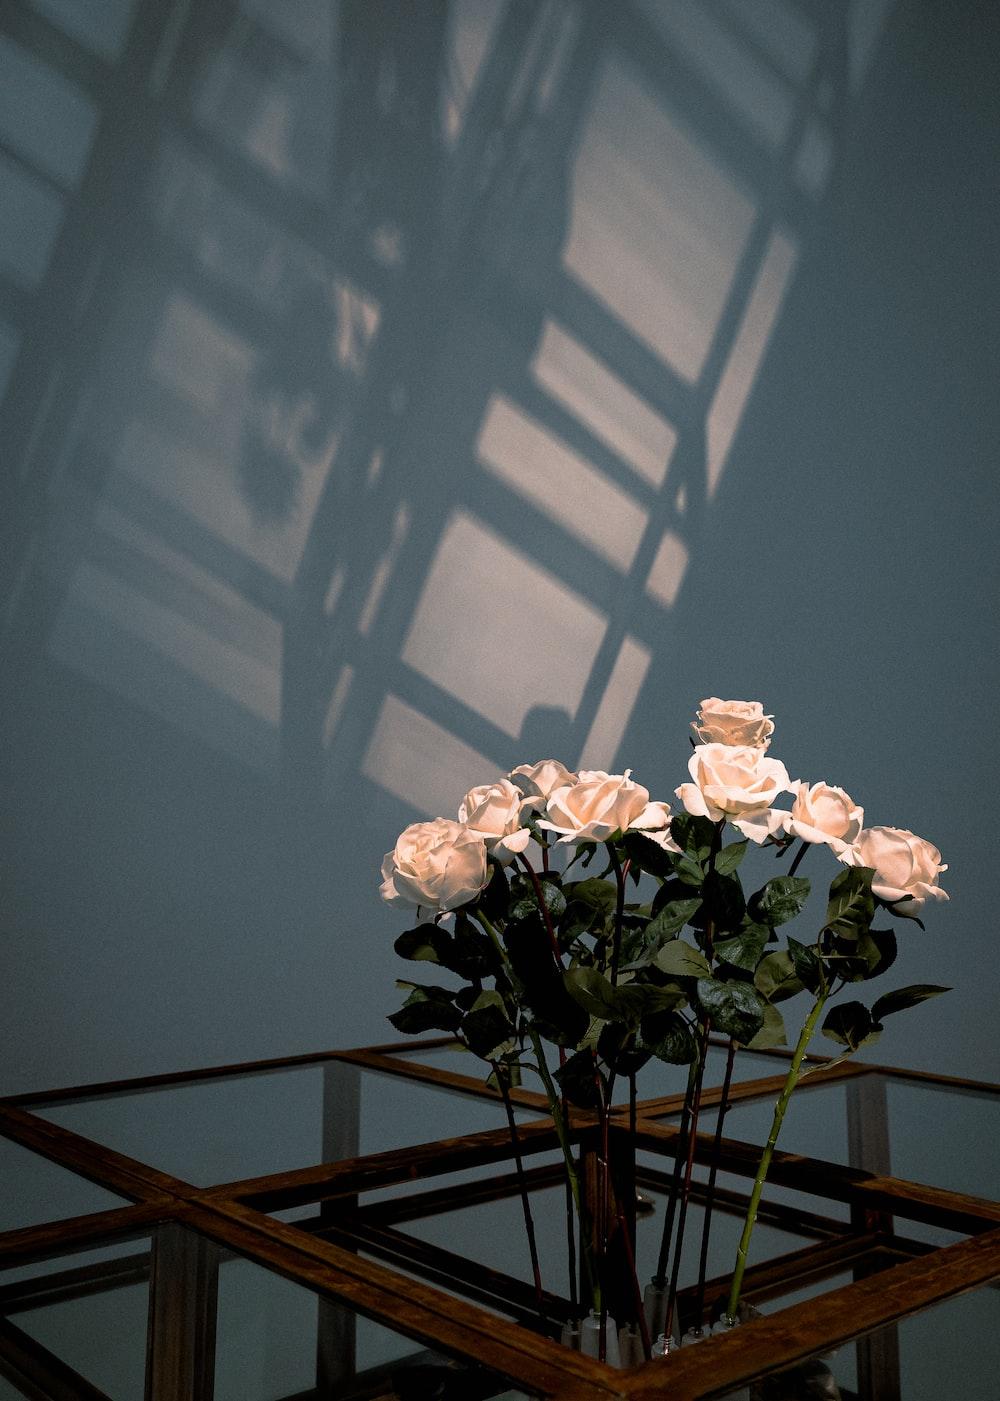 white rose flowers